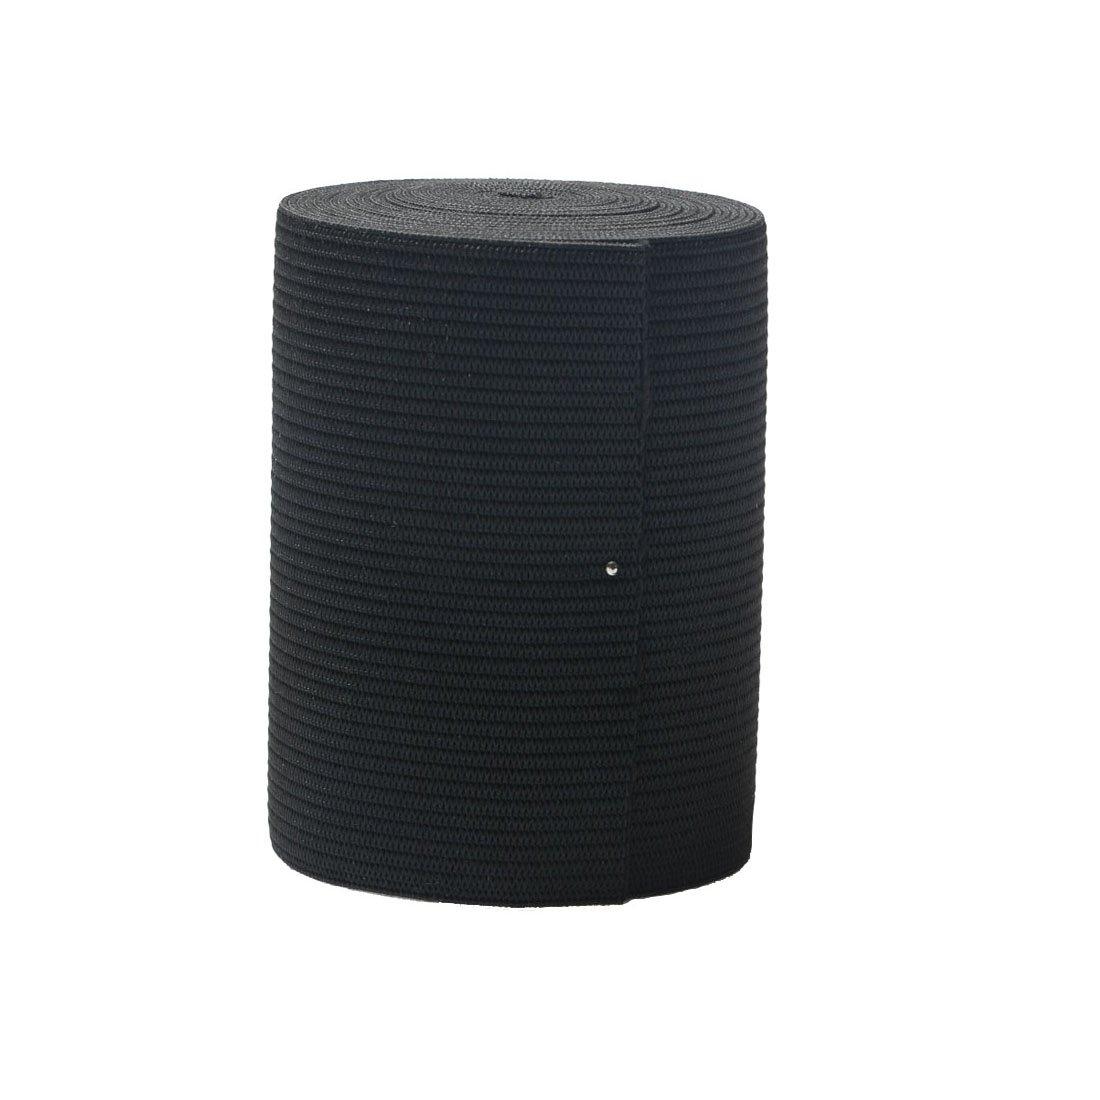 RERIVER 3-inch Wide Black Heavy Knit Stretch ELASTIC 3 Yards(3'', black)